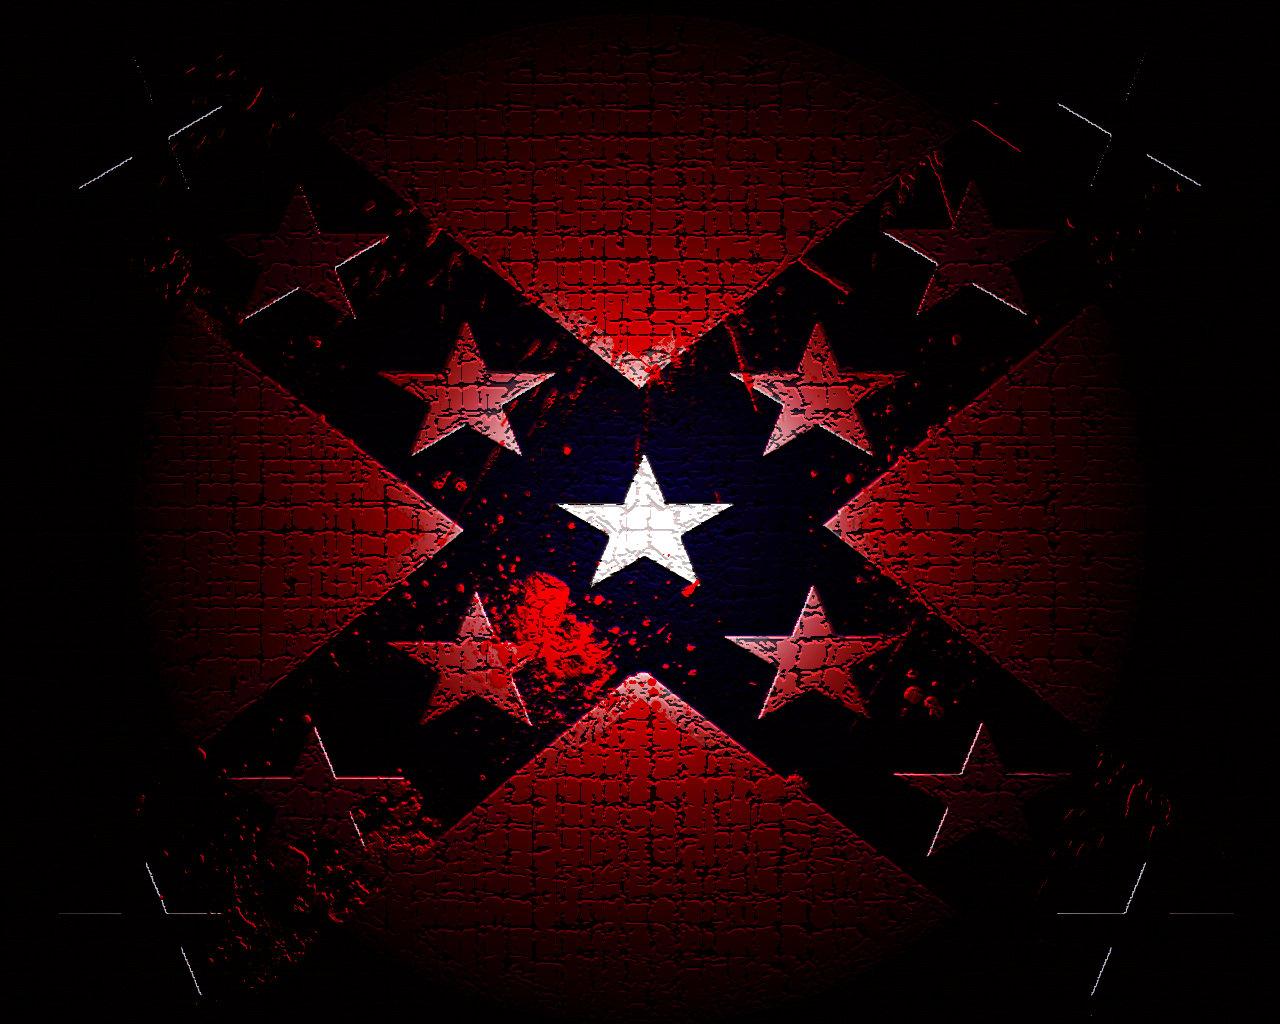 Rebel flagjpg Phone Wallpaper By Babygurl24799 1280x1024